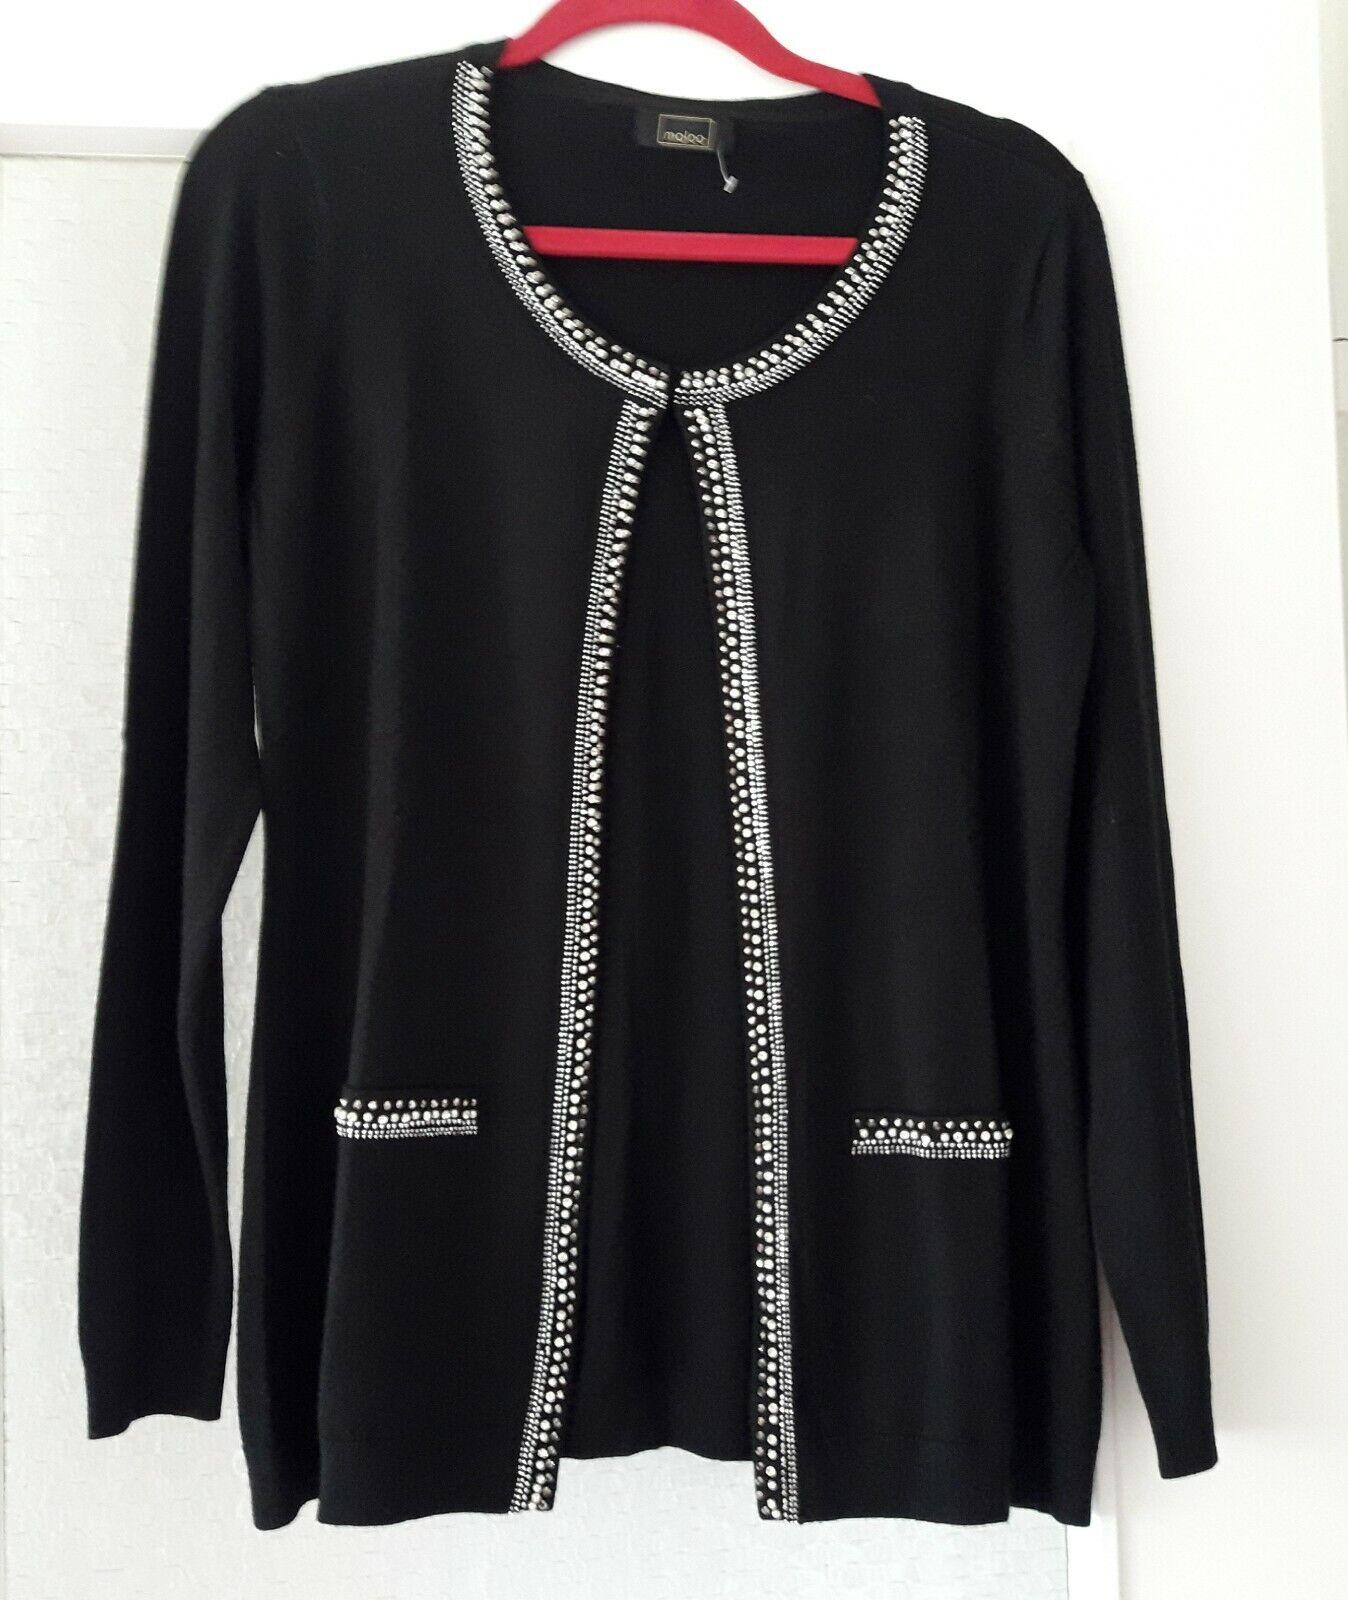 Strickjacke MALOO Gr.38 Damen Elegant, schwarz mit Glitzersteinchen, neuwertig